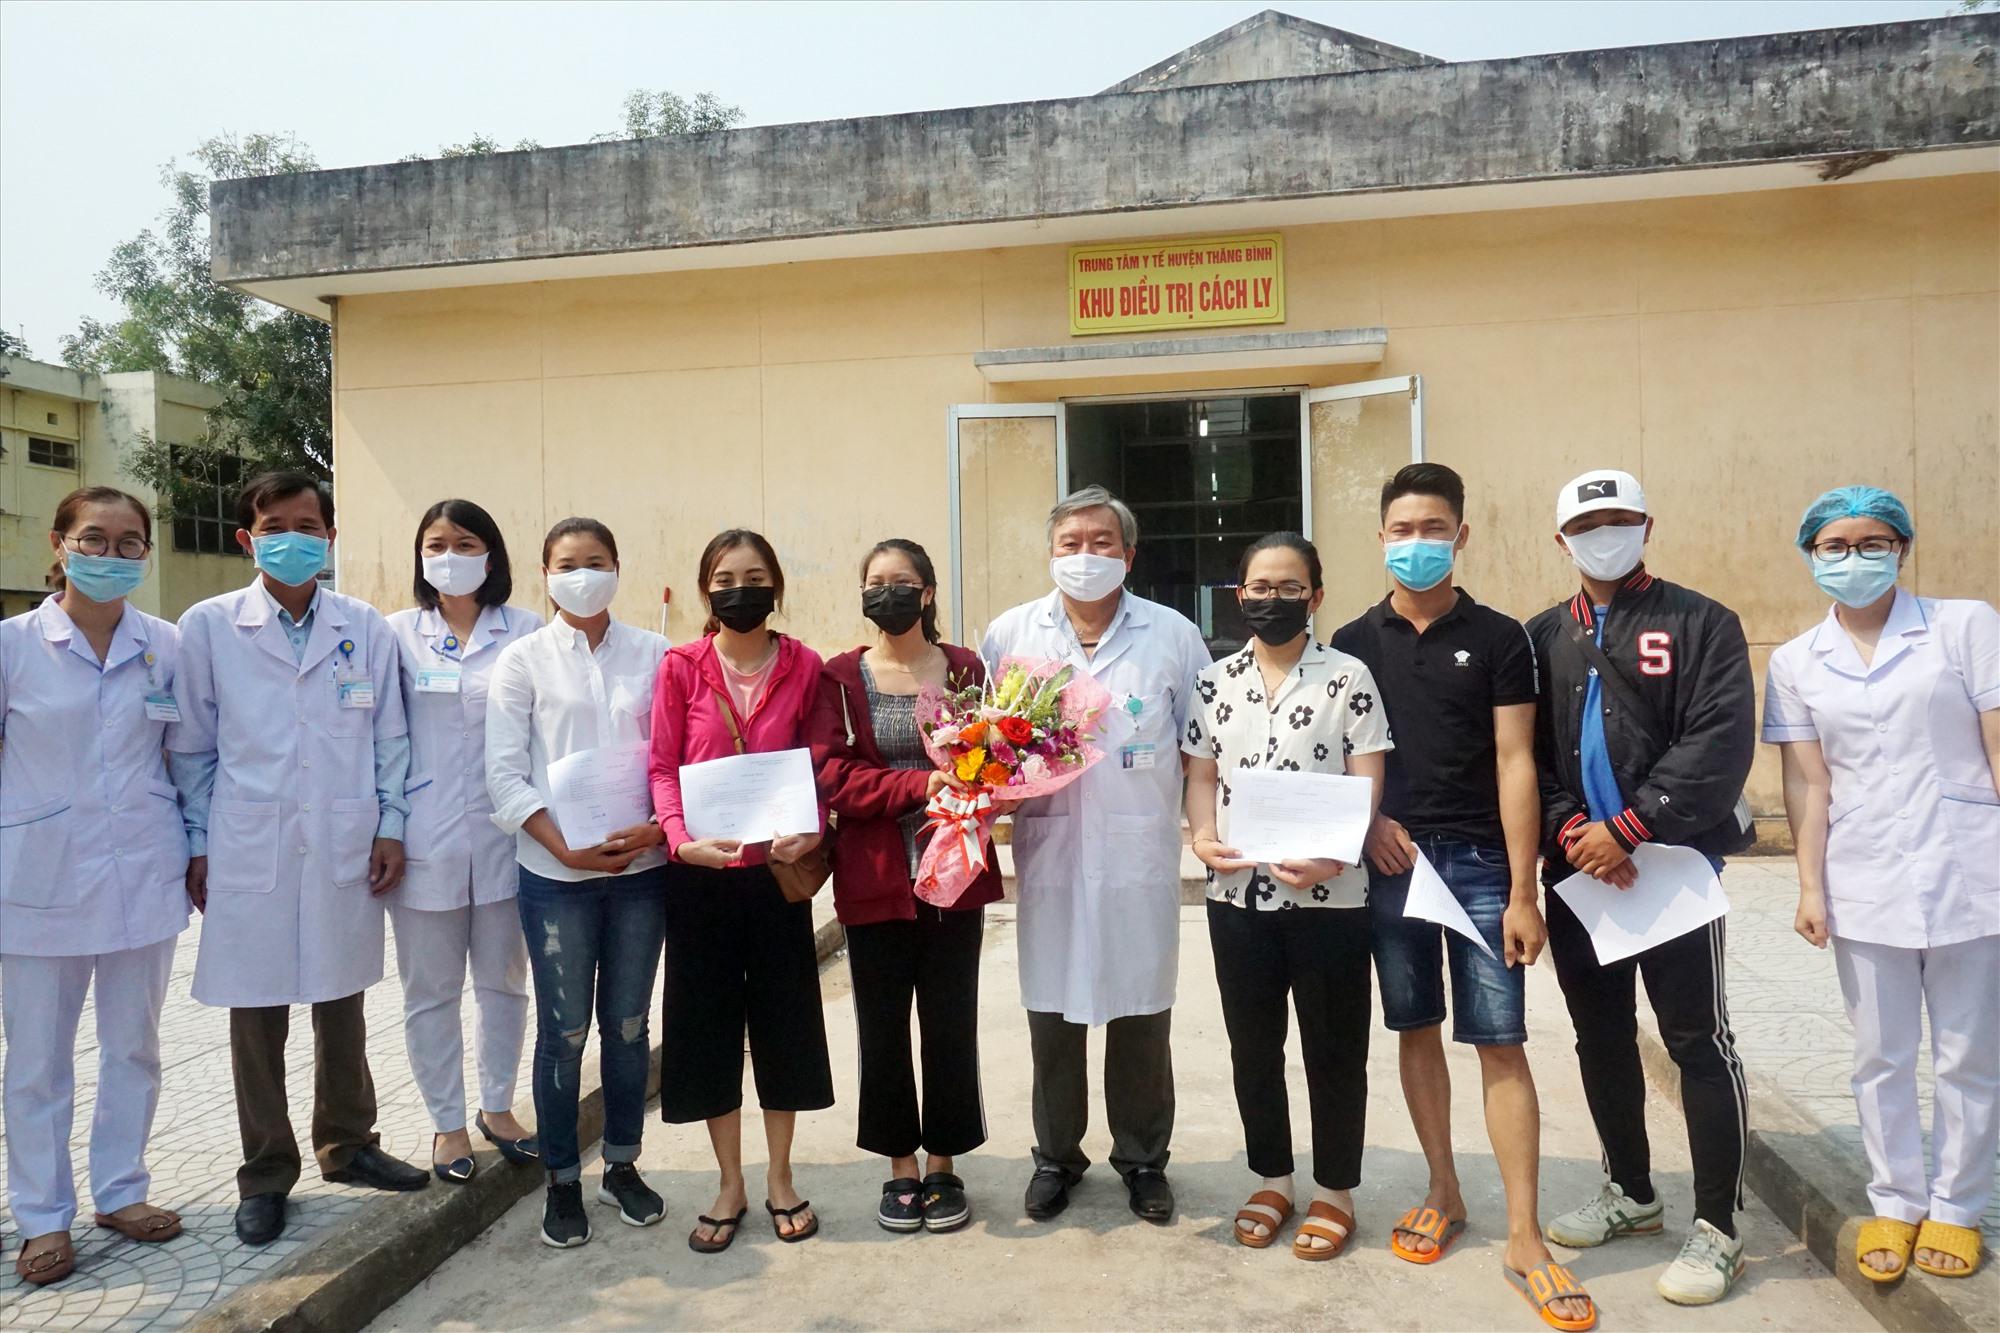 Đại diện Trung tâm Y tế huyện Thăng Bình trao hoa và giấy xác nhận hoàn thành cách ly y tế cho 6 trường hợp cách ly tại đây. Ảnh: BIÊN THỰC